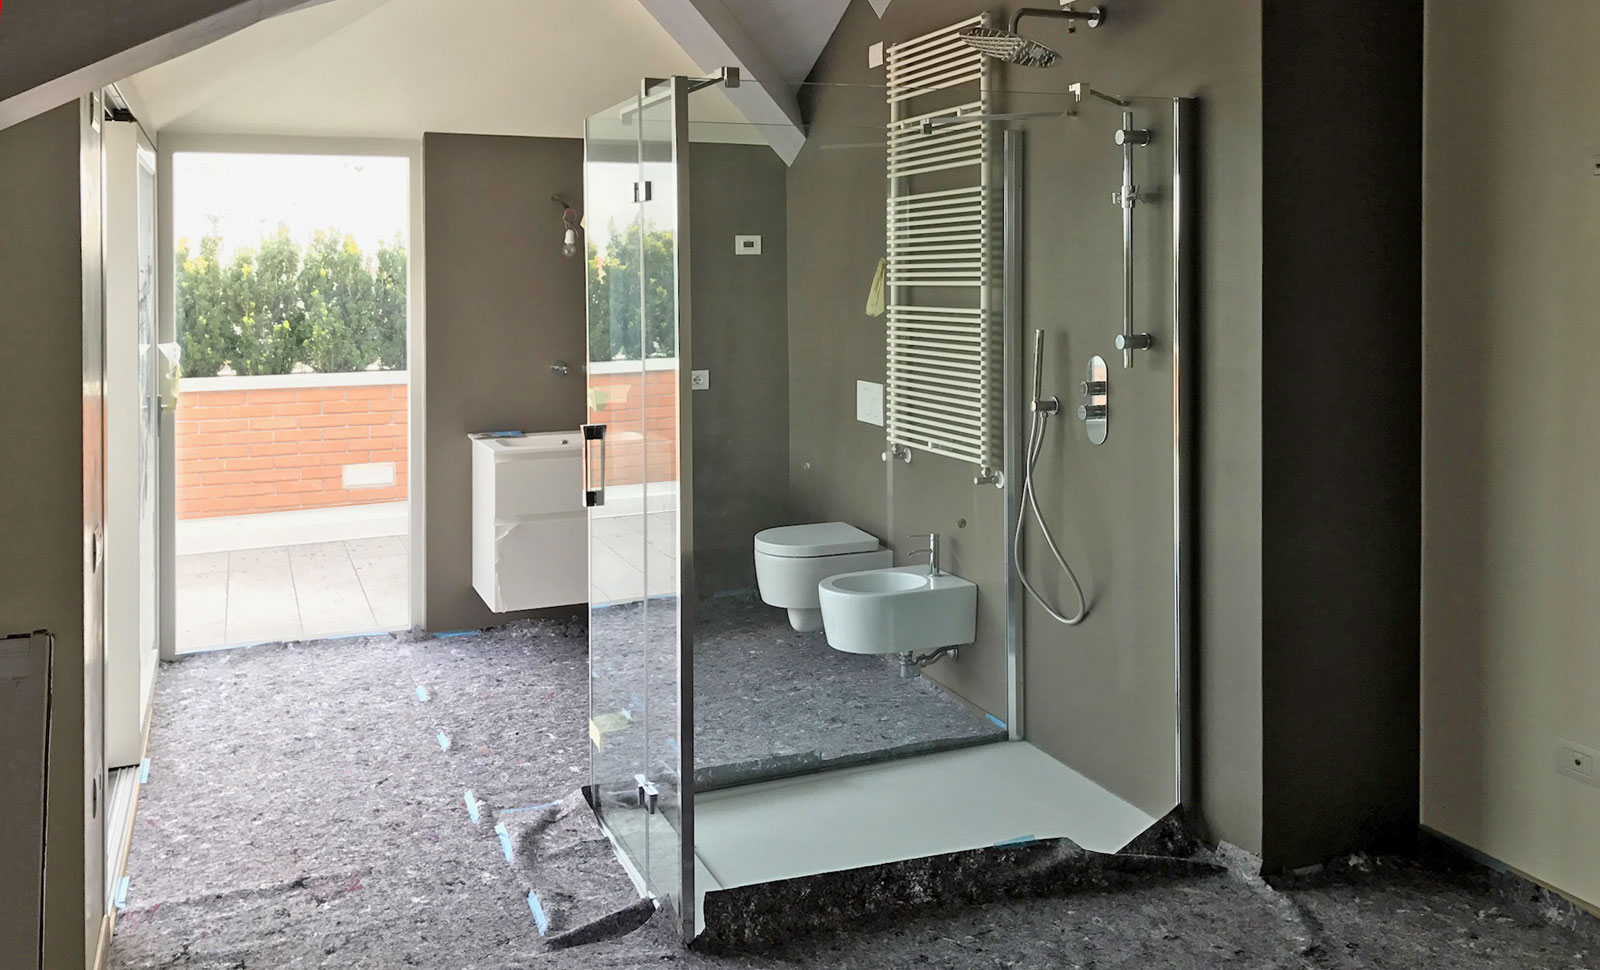 Ristrutturare il bagno nel 2018 conviene grazie al bonus bagno - Rifacimento bagno manutenzione ordinaria o straordinaria ...